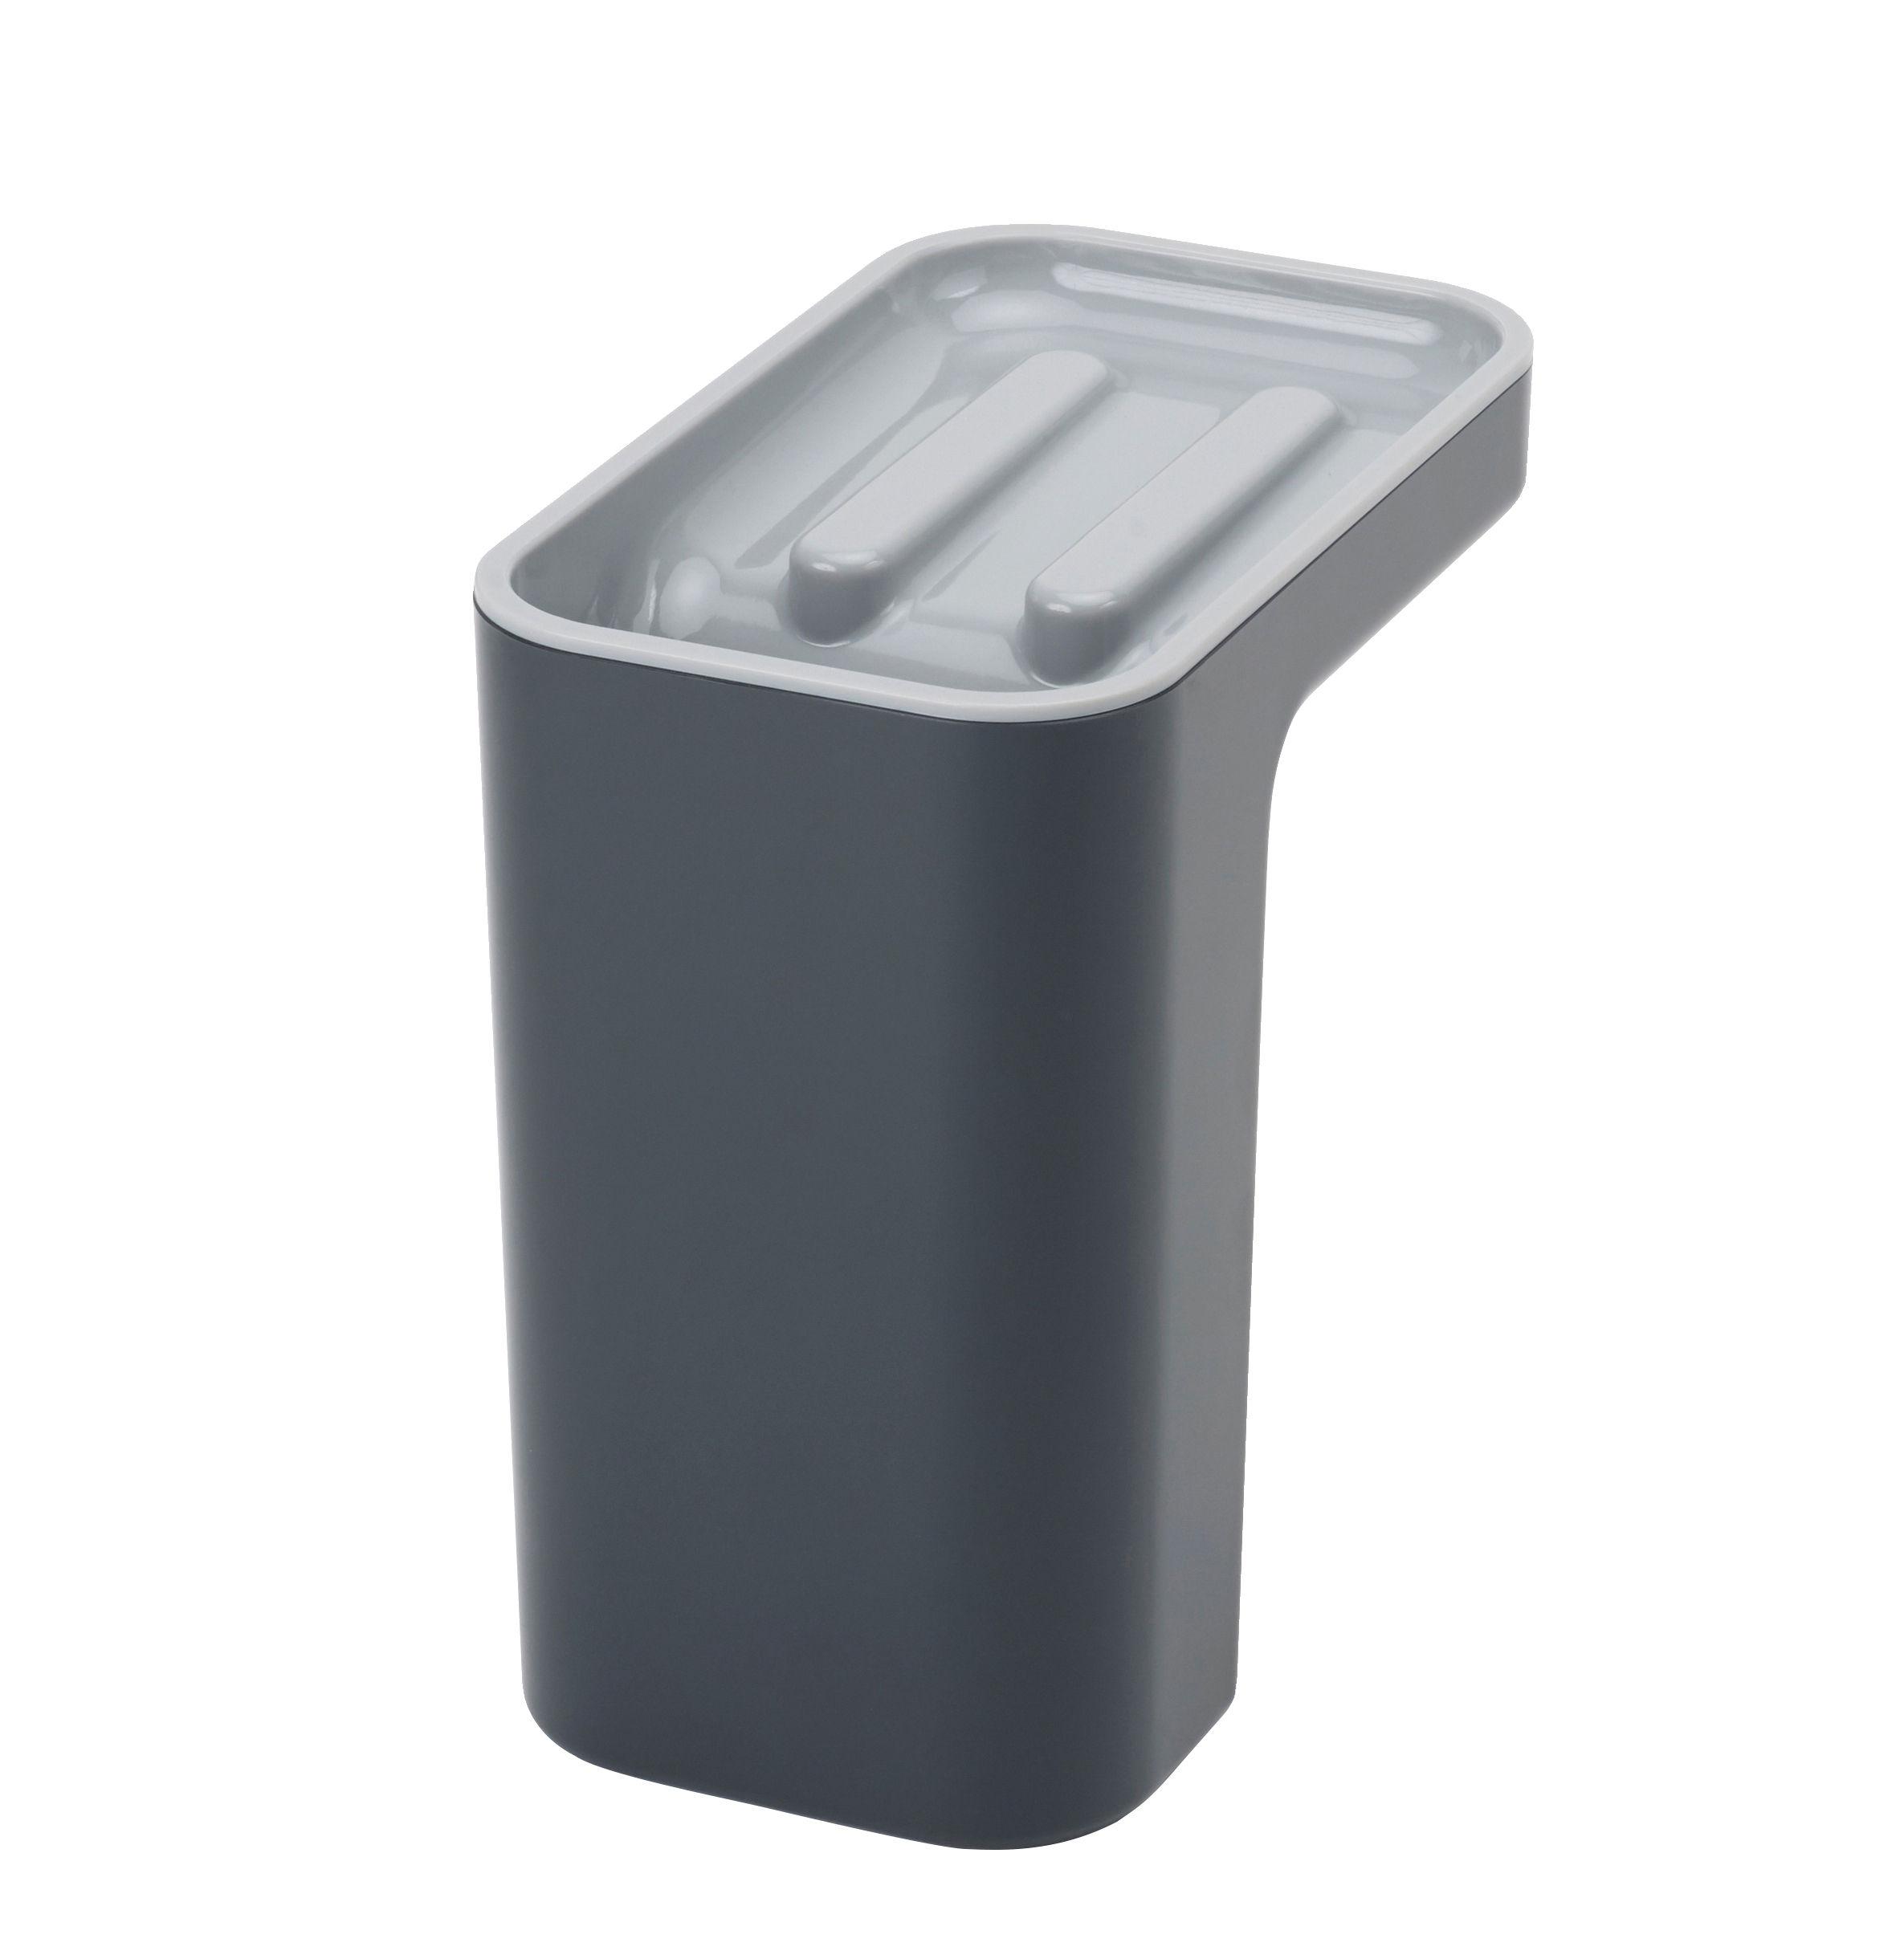 Cucina - Utensili da cucina - Scolaoggetti cucina Sink Pod - / Compatto di Joseph Joseph - Grigio - ABS senza BPA